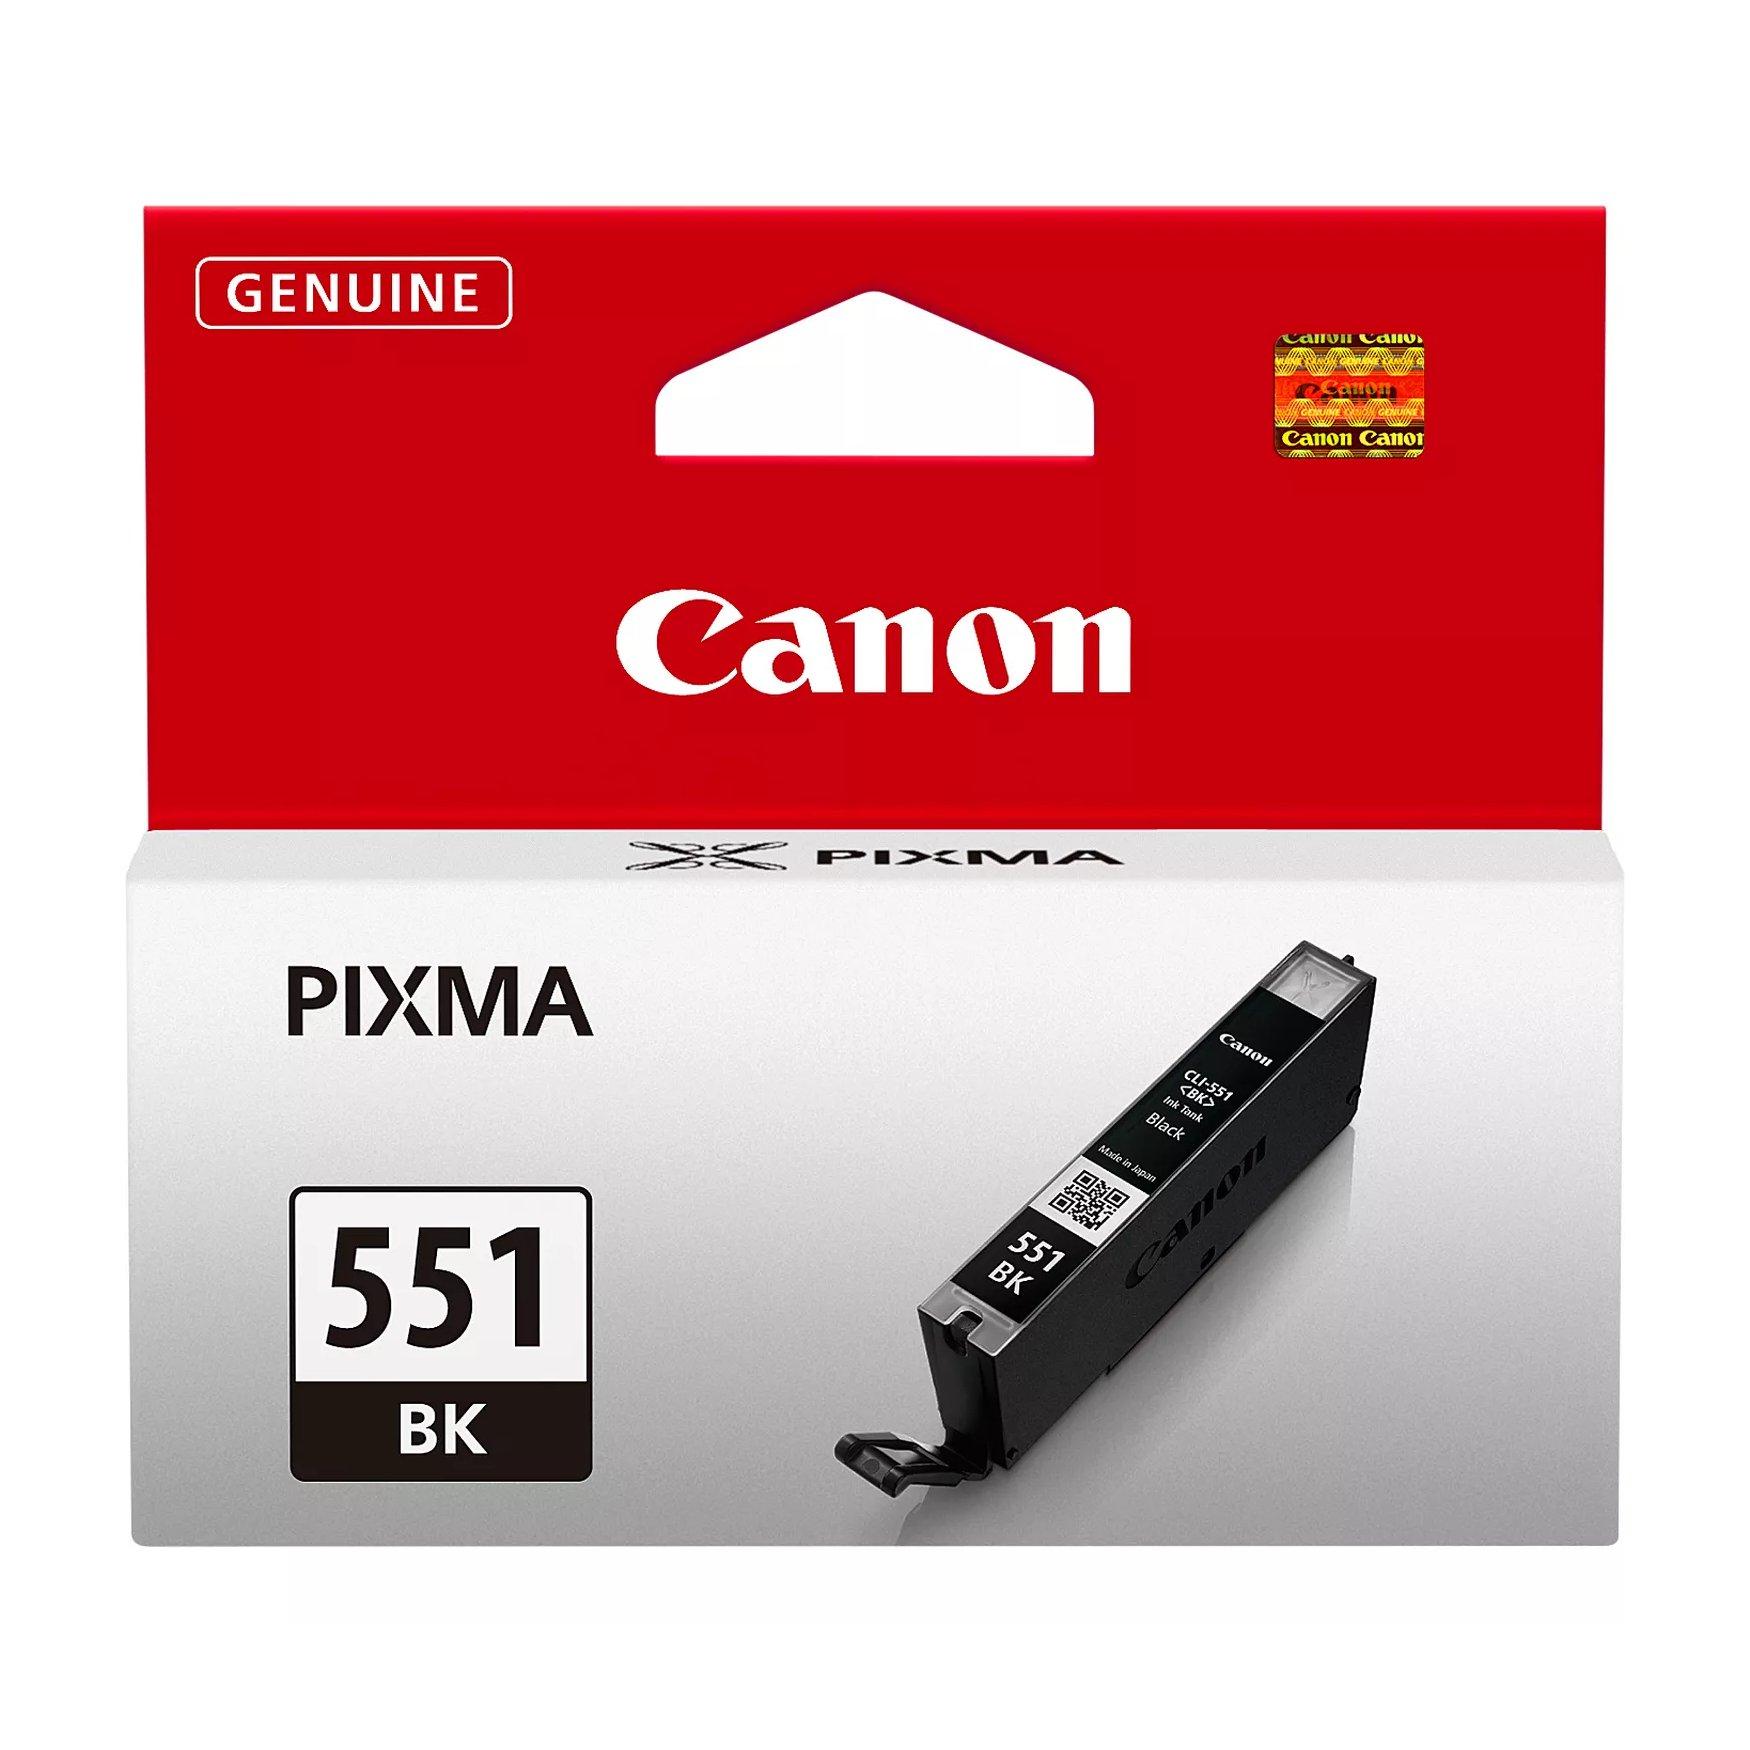 Canon No.551 Inkjet Cartridge Black CLI-551BK 6508B001